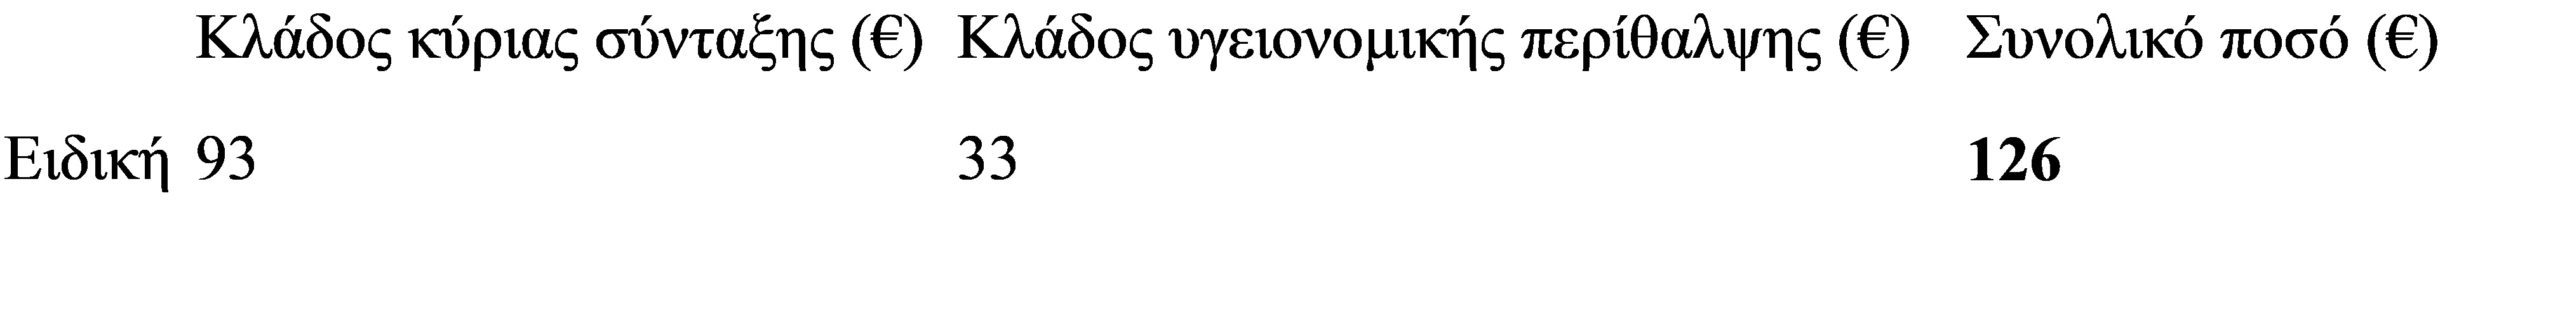 ΕΙΣΦΟΡΕΣ ΠΙΝΑΚΑΣ 3